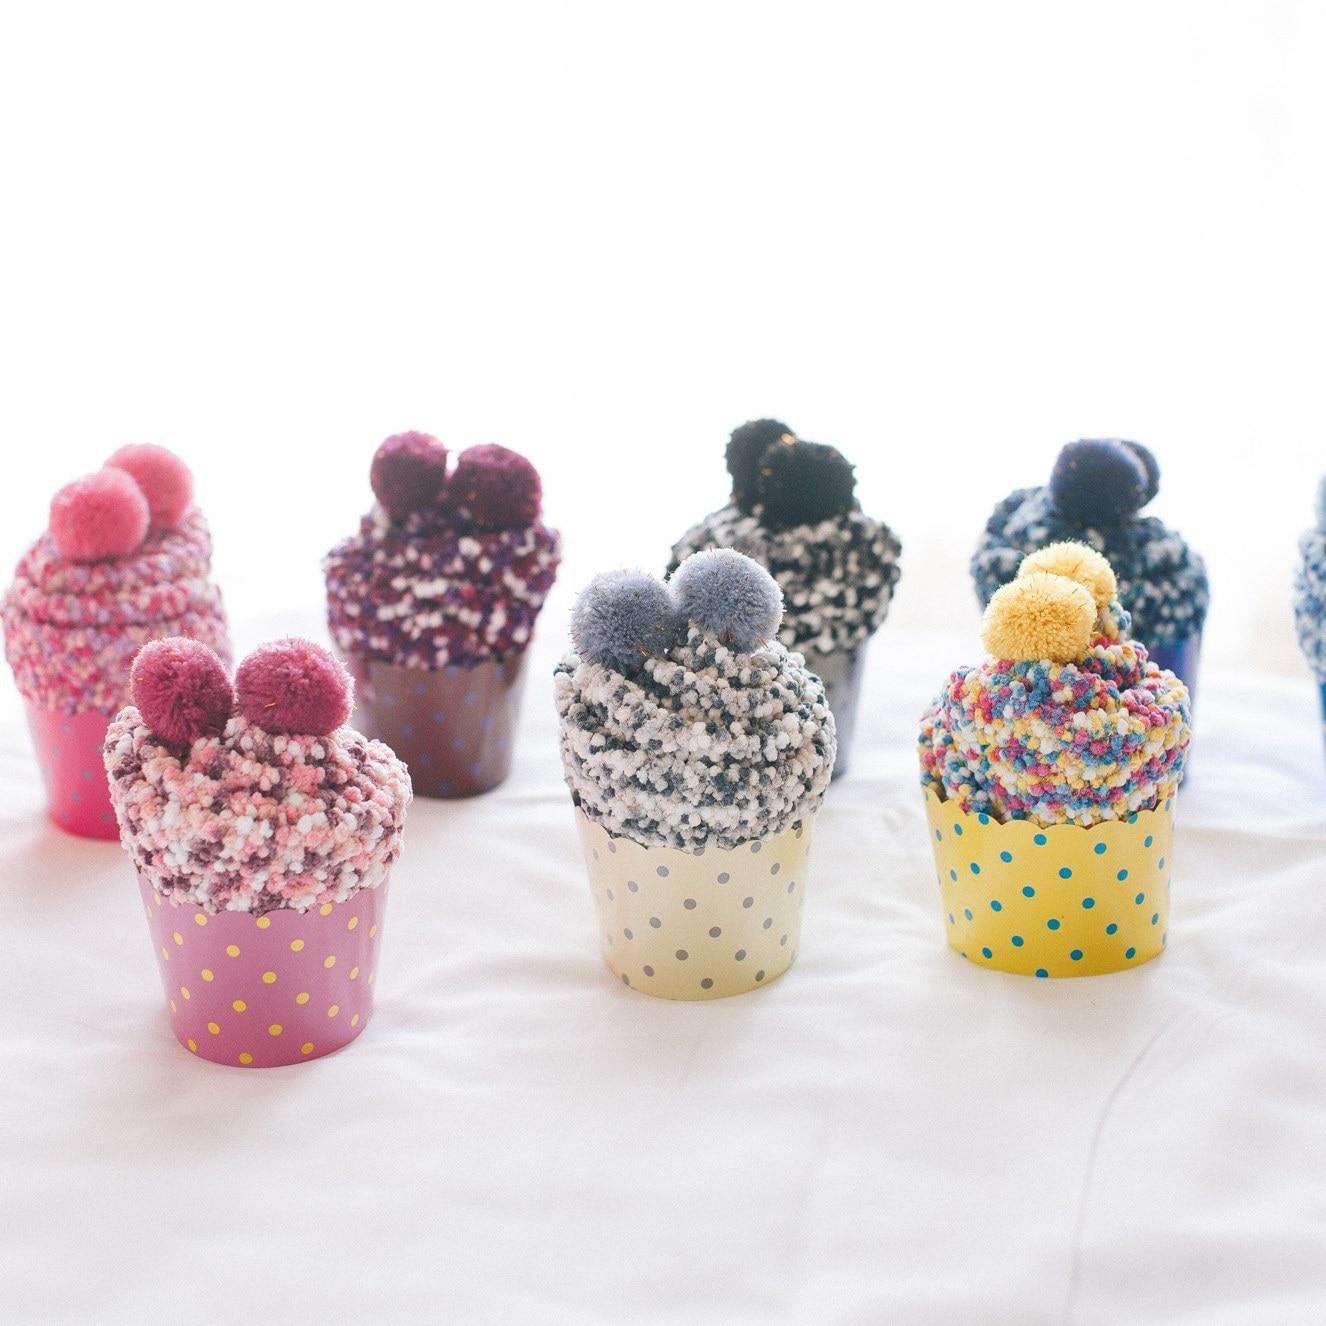 Torta in calzini del tubo delle donne bolla di corallo cachemire produttori ragazza Giapponese calzini scatola dei calzini dei capelli del commercio all'ingrosso